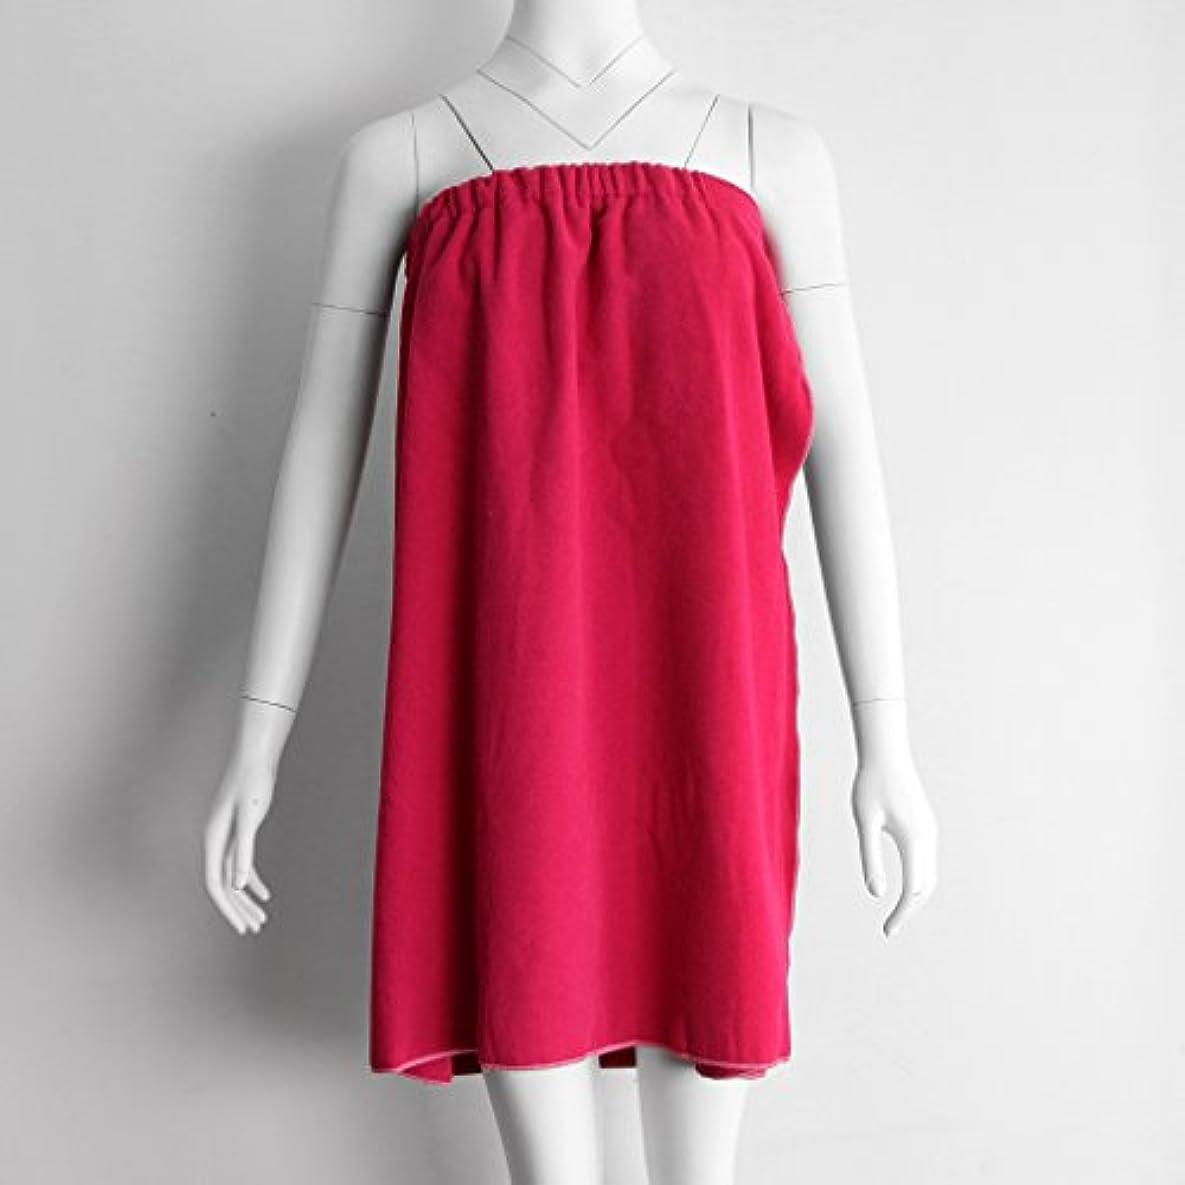 核ワイン生き物タオルラップ バスタオル バススカート レディース シャワーラップ 約68×54cm 4色選べる - 赤